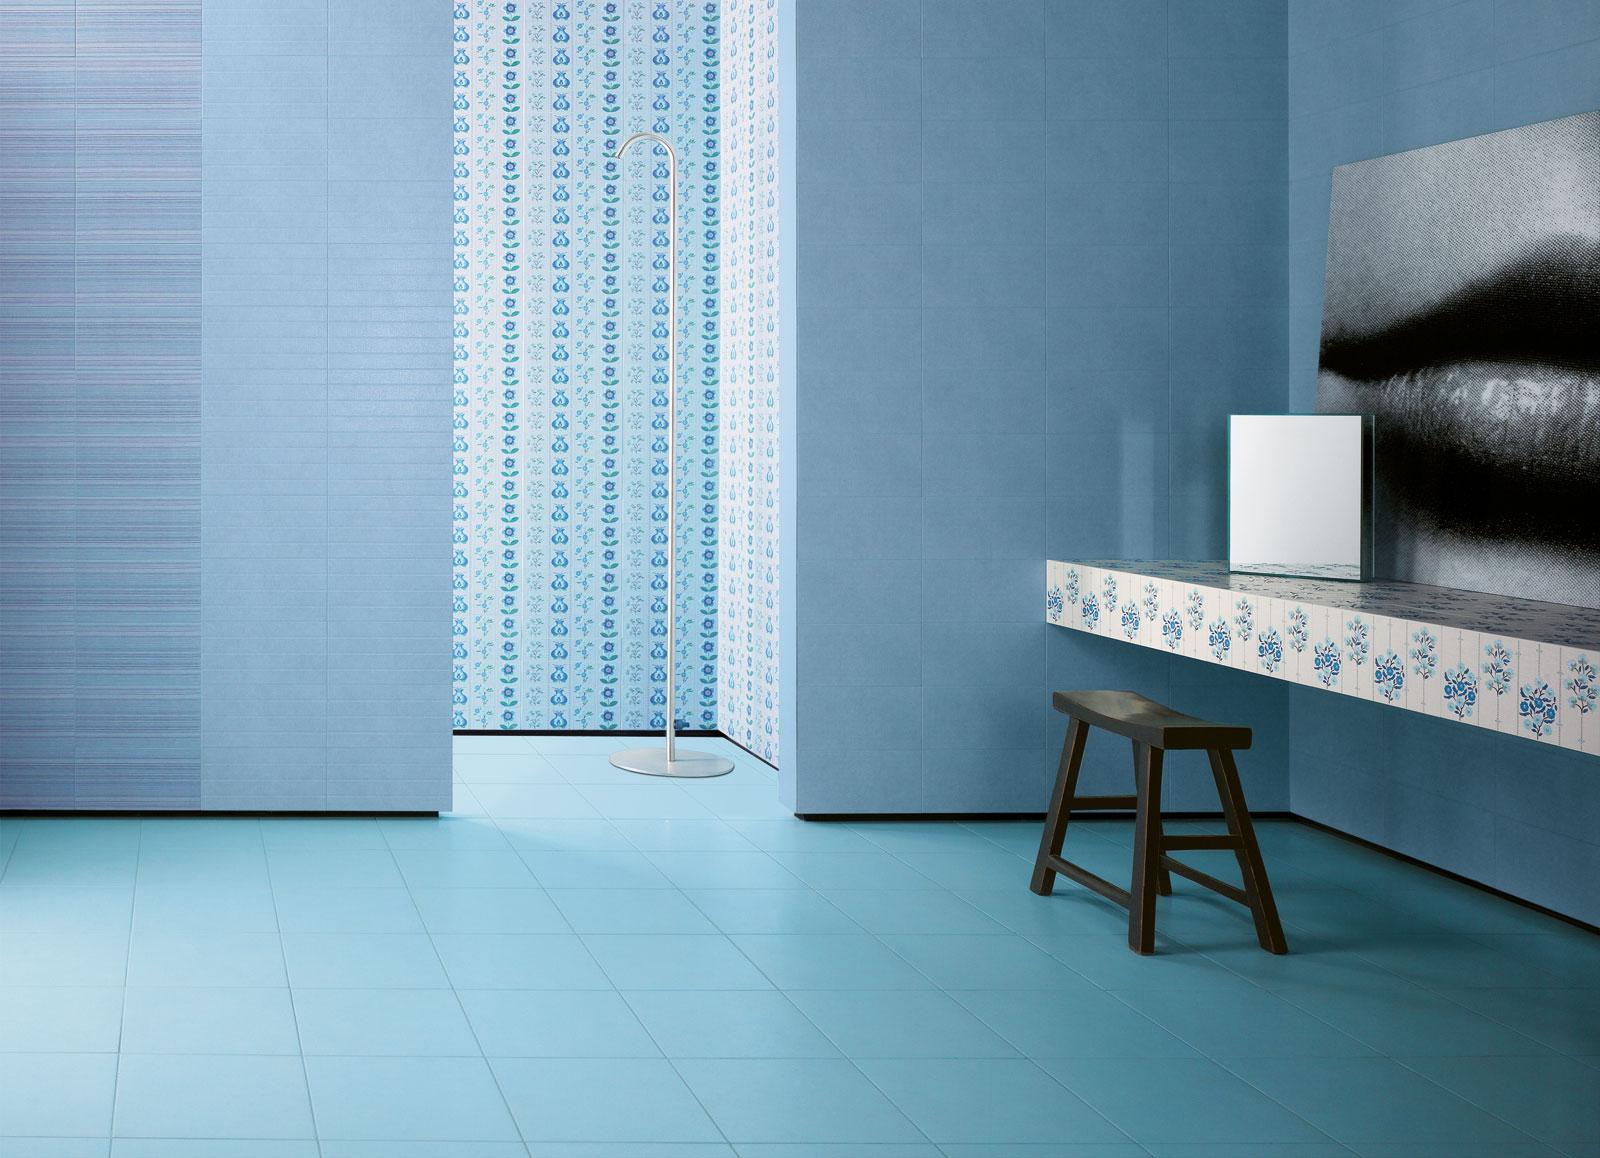 Faience salle de bain bleu ciel: salle de bains travaux. Étagère ...